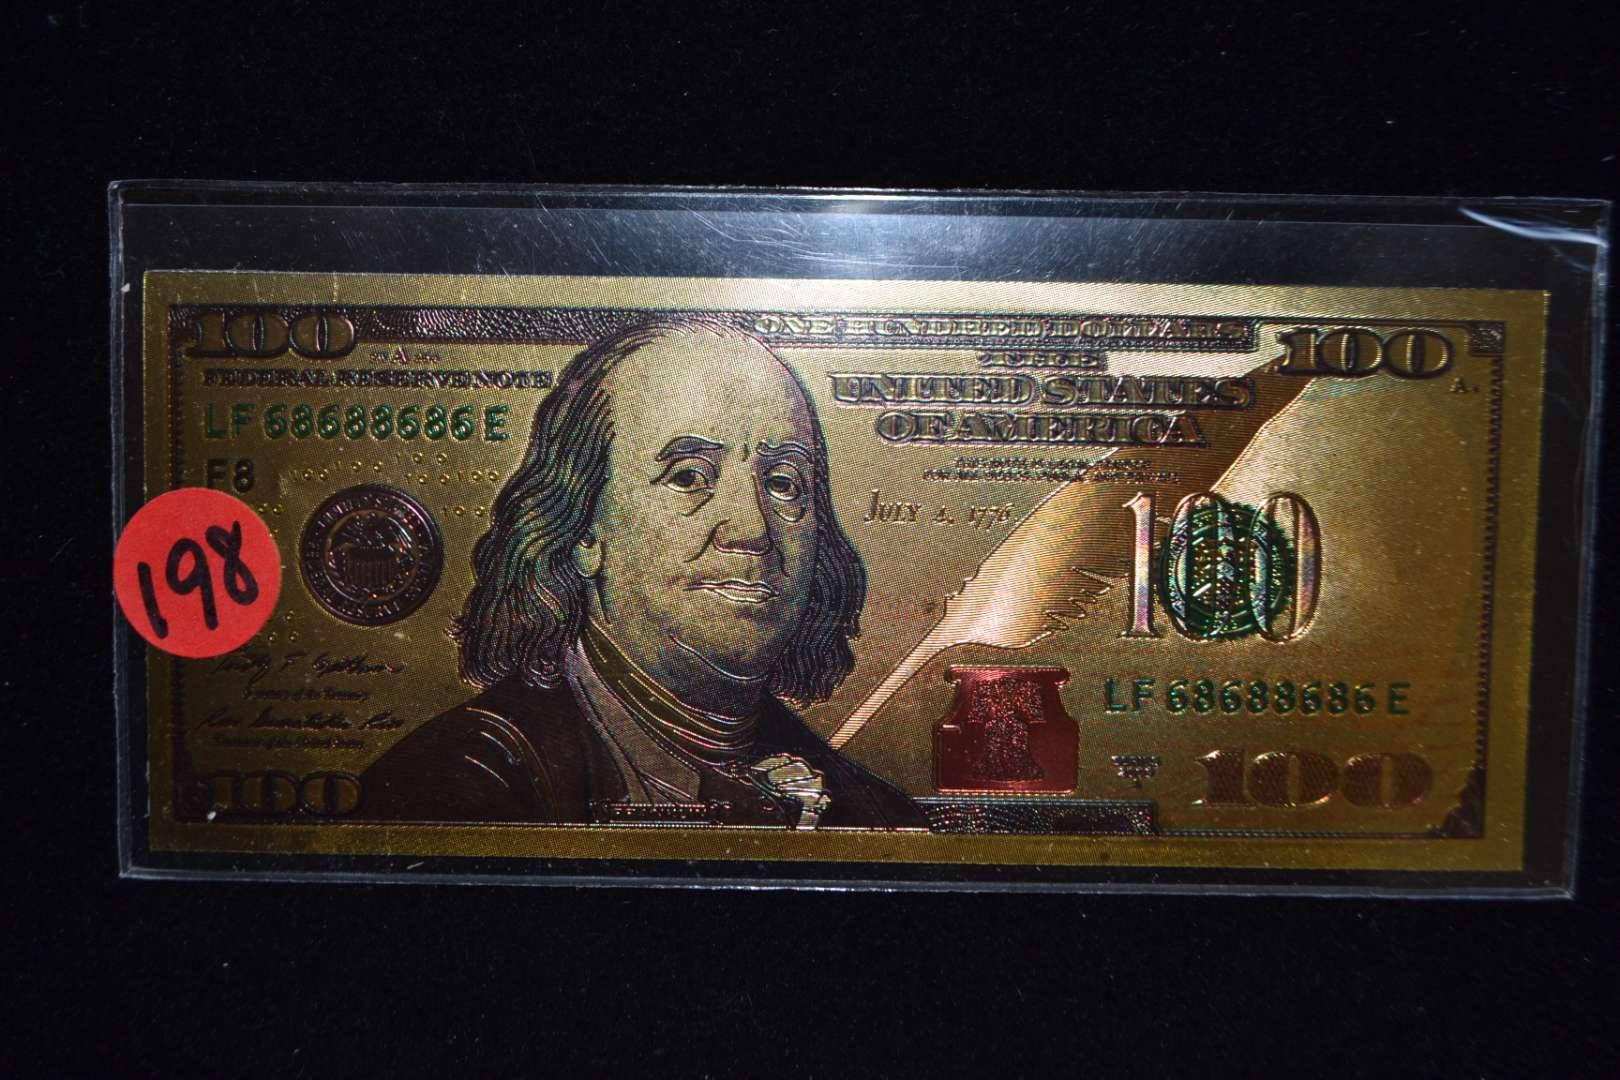 Lot # 198 GOLD $100 BILL